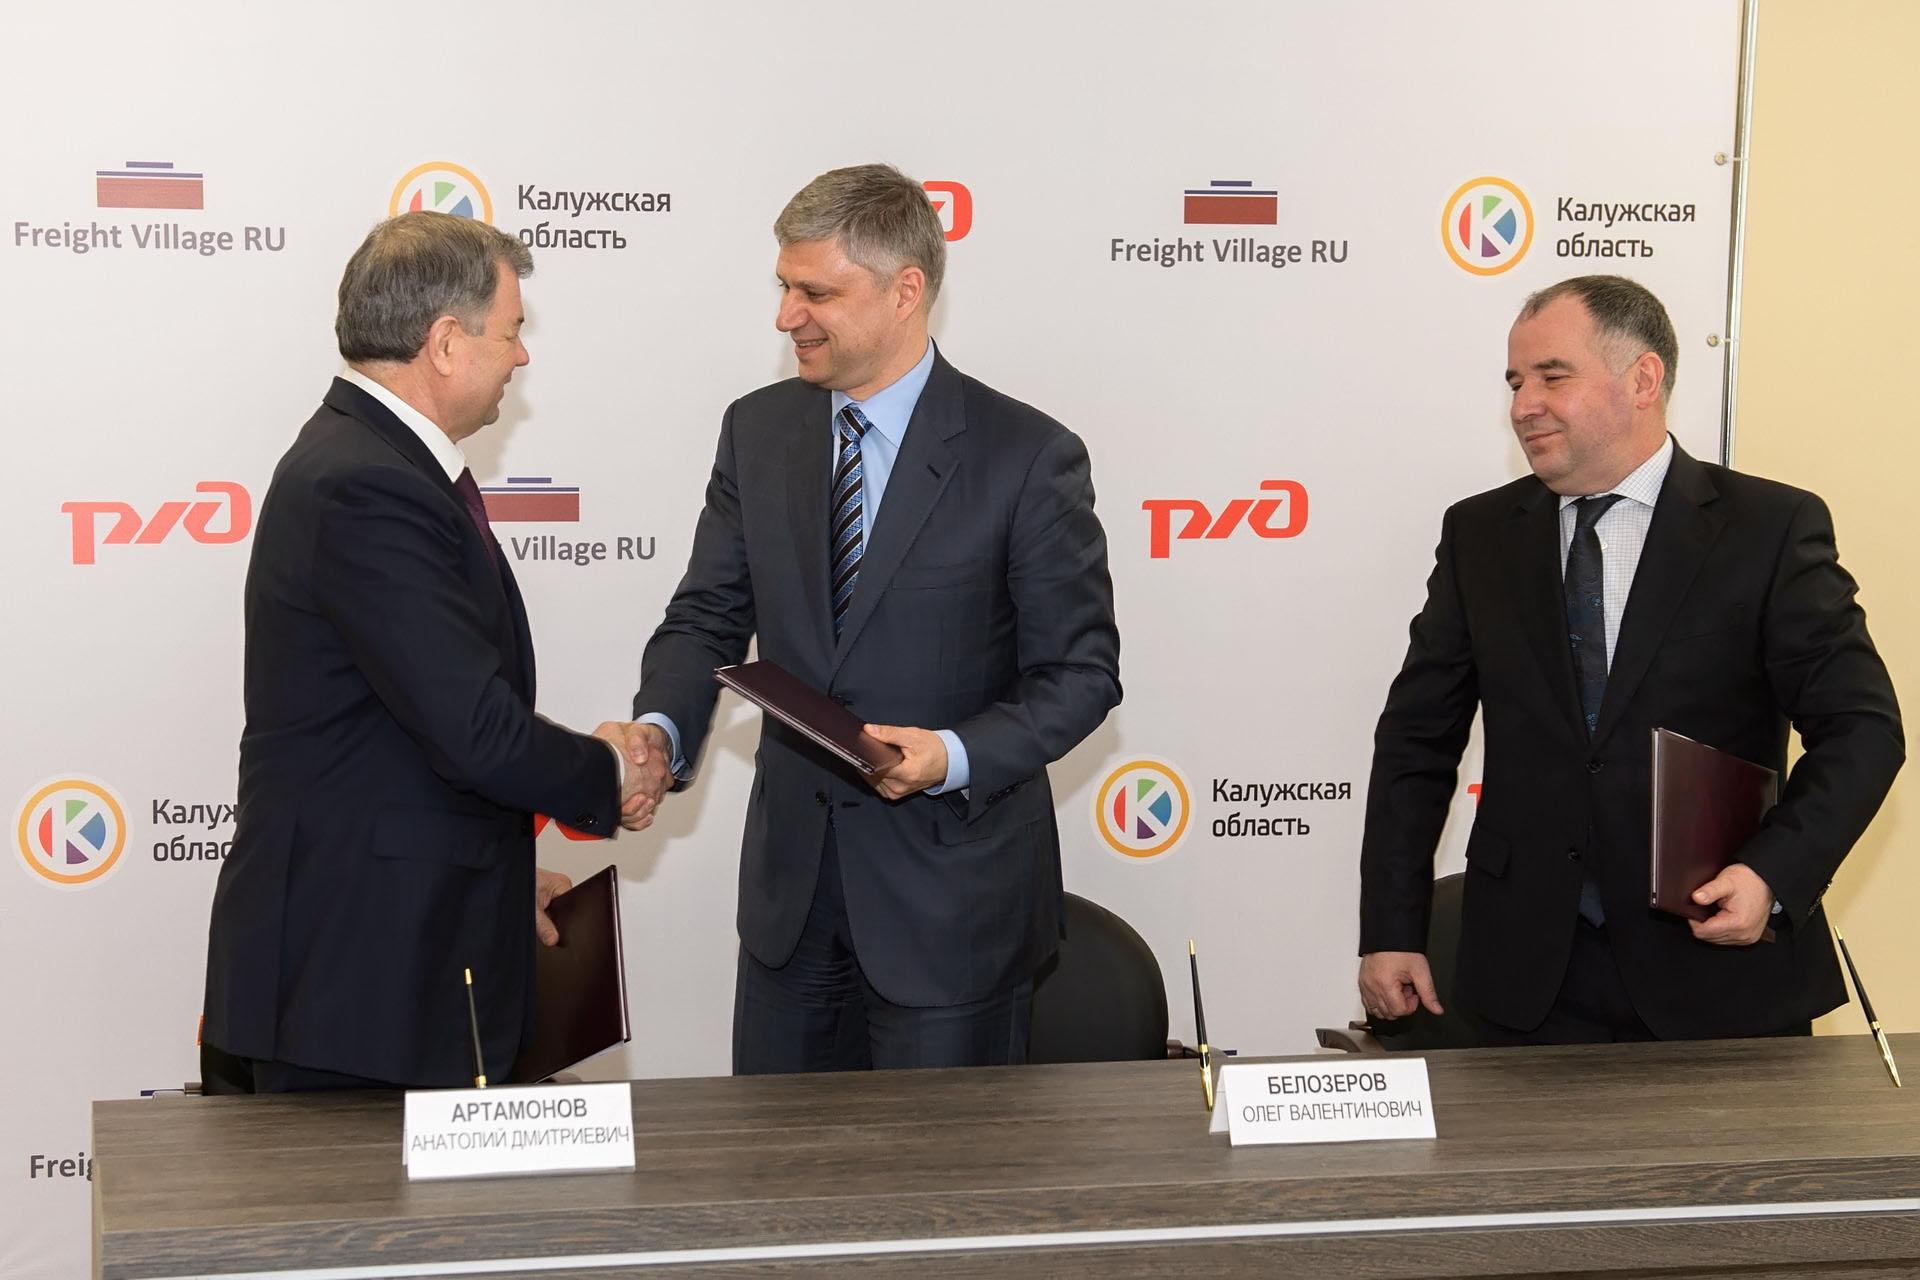 Калужская область и ОАО «РЖД» будут совместно участвовать в развитии транспортно-логистической инфраструктуры региона